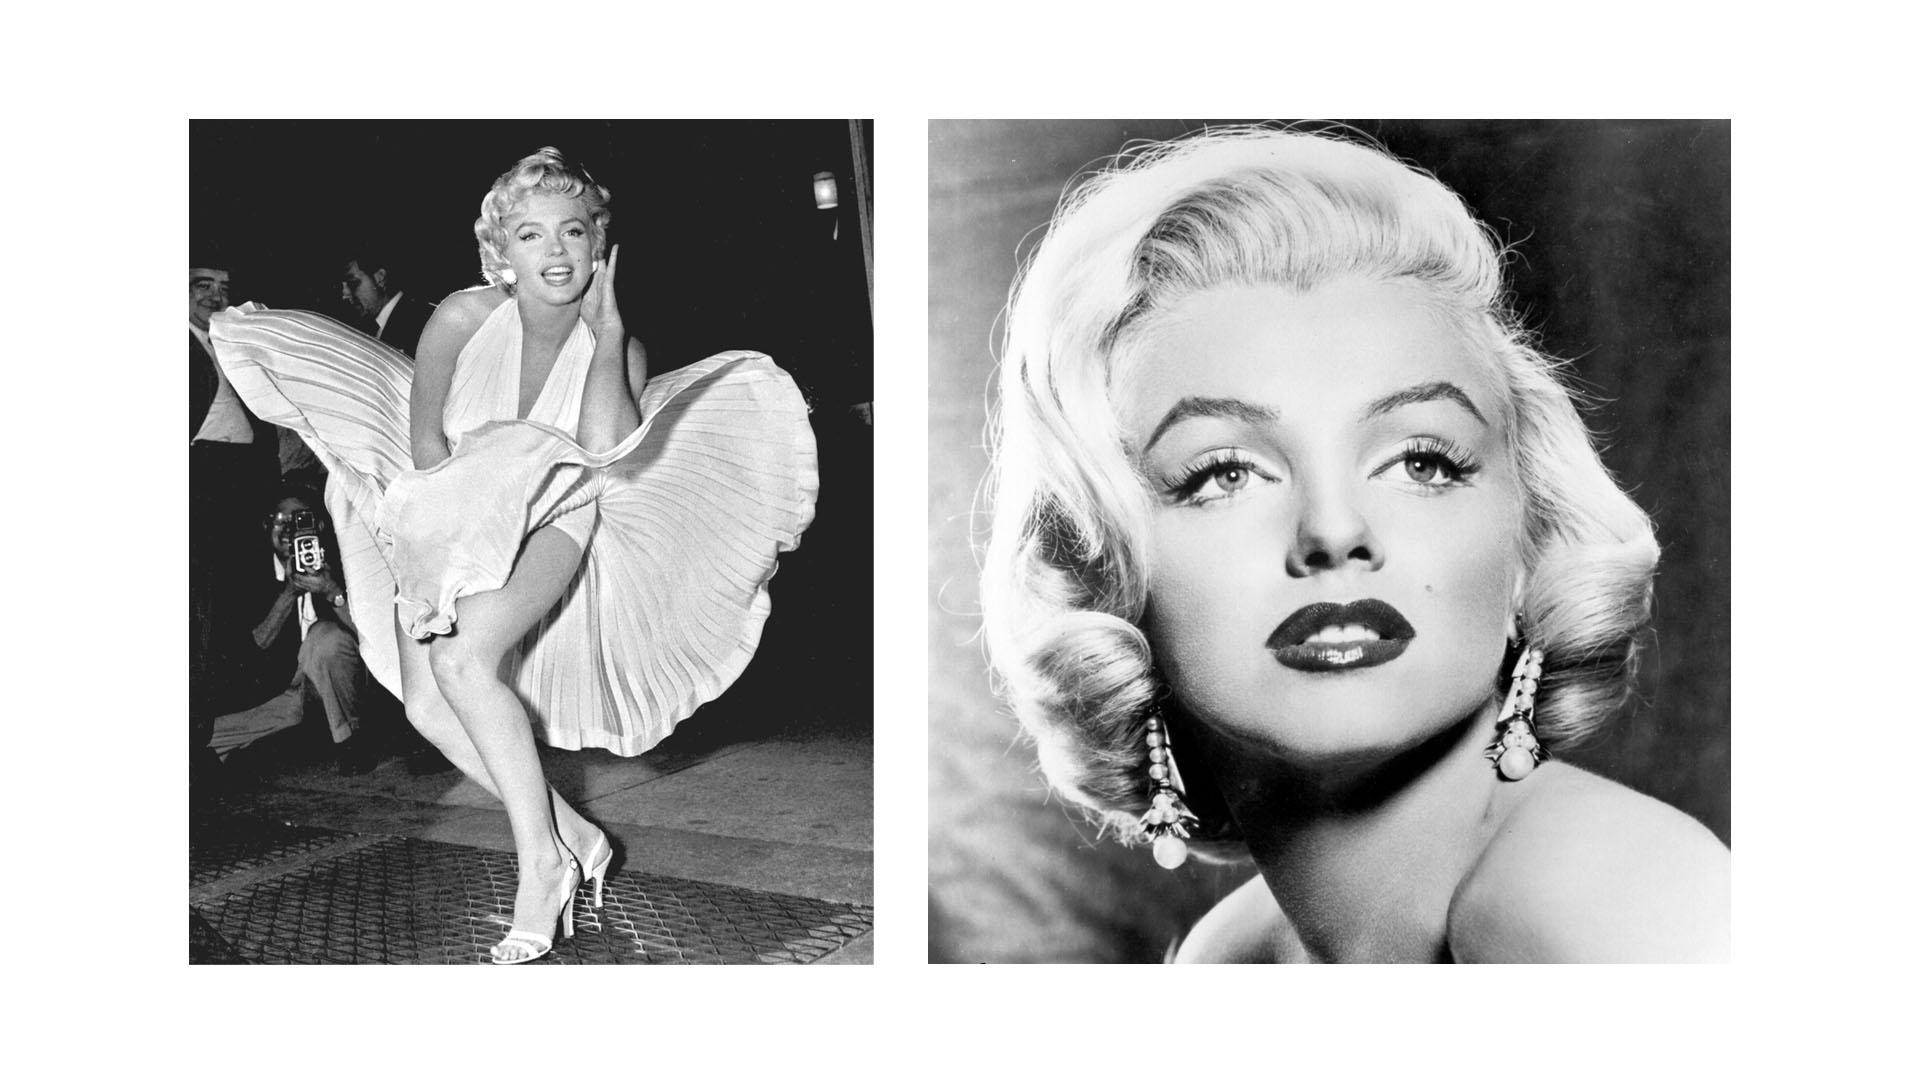 La actriz nació el 1 de junio de 1926 enLos Angeles y se convirtió en un símbolo sexy que perdura